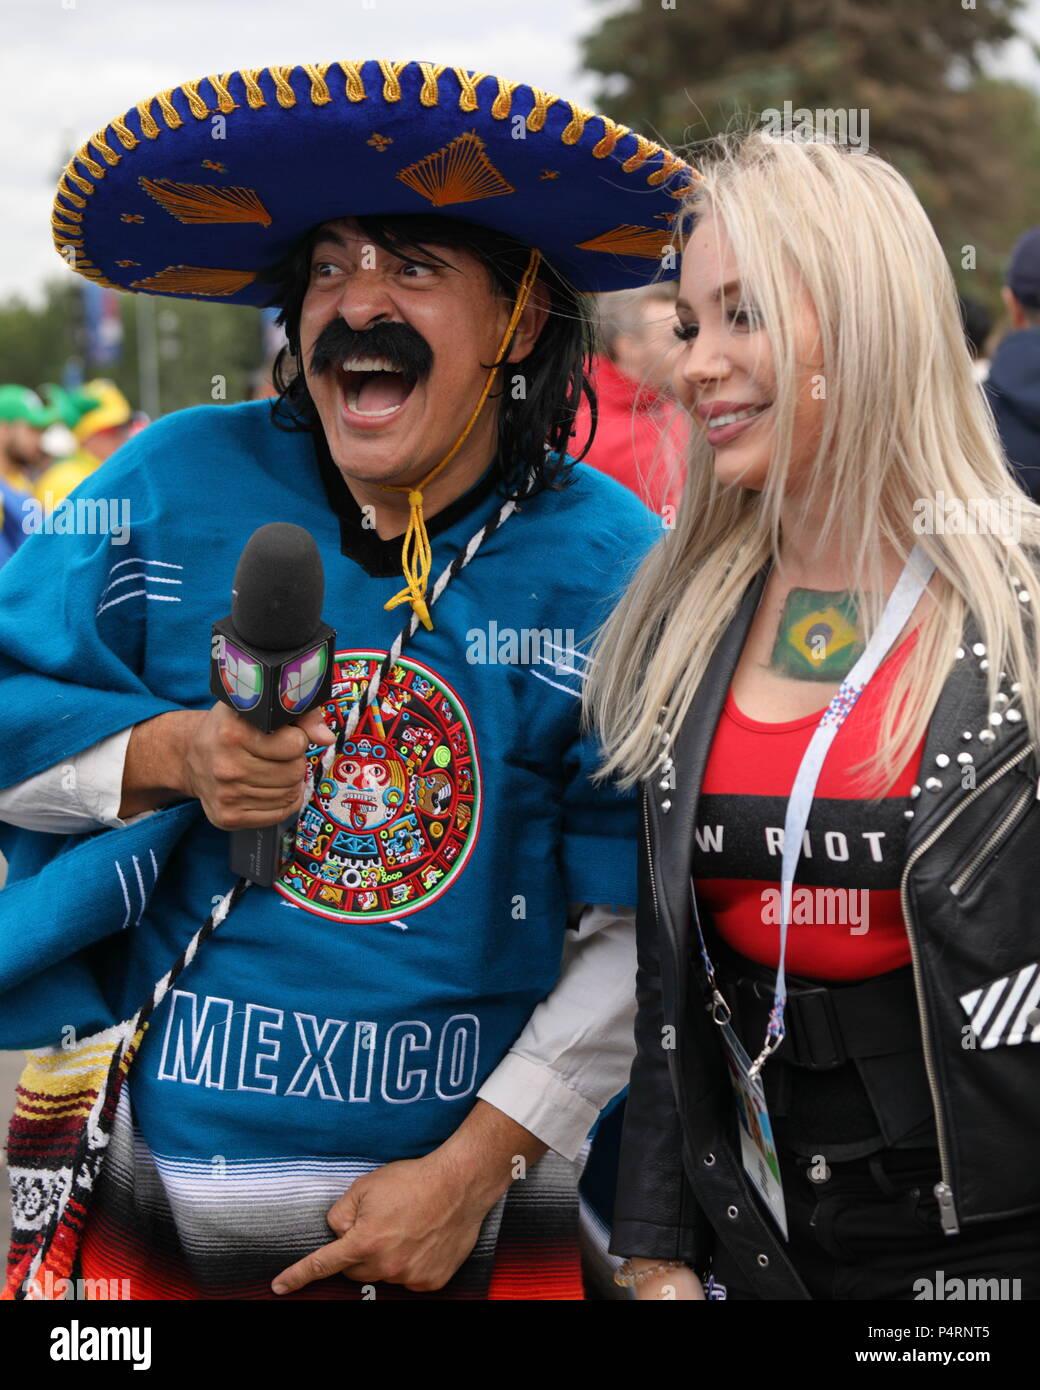 Mexikanischer Journalist in sombrero machen eine Reportage im Saint Petersburg Stadion vor dem Spiel der FIFA Fussball-Weltmeisterschaft Brasilien vs Costa Rica Stockbild